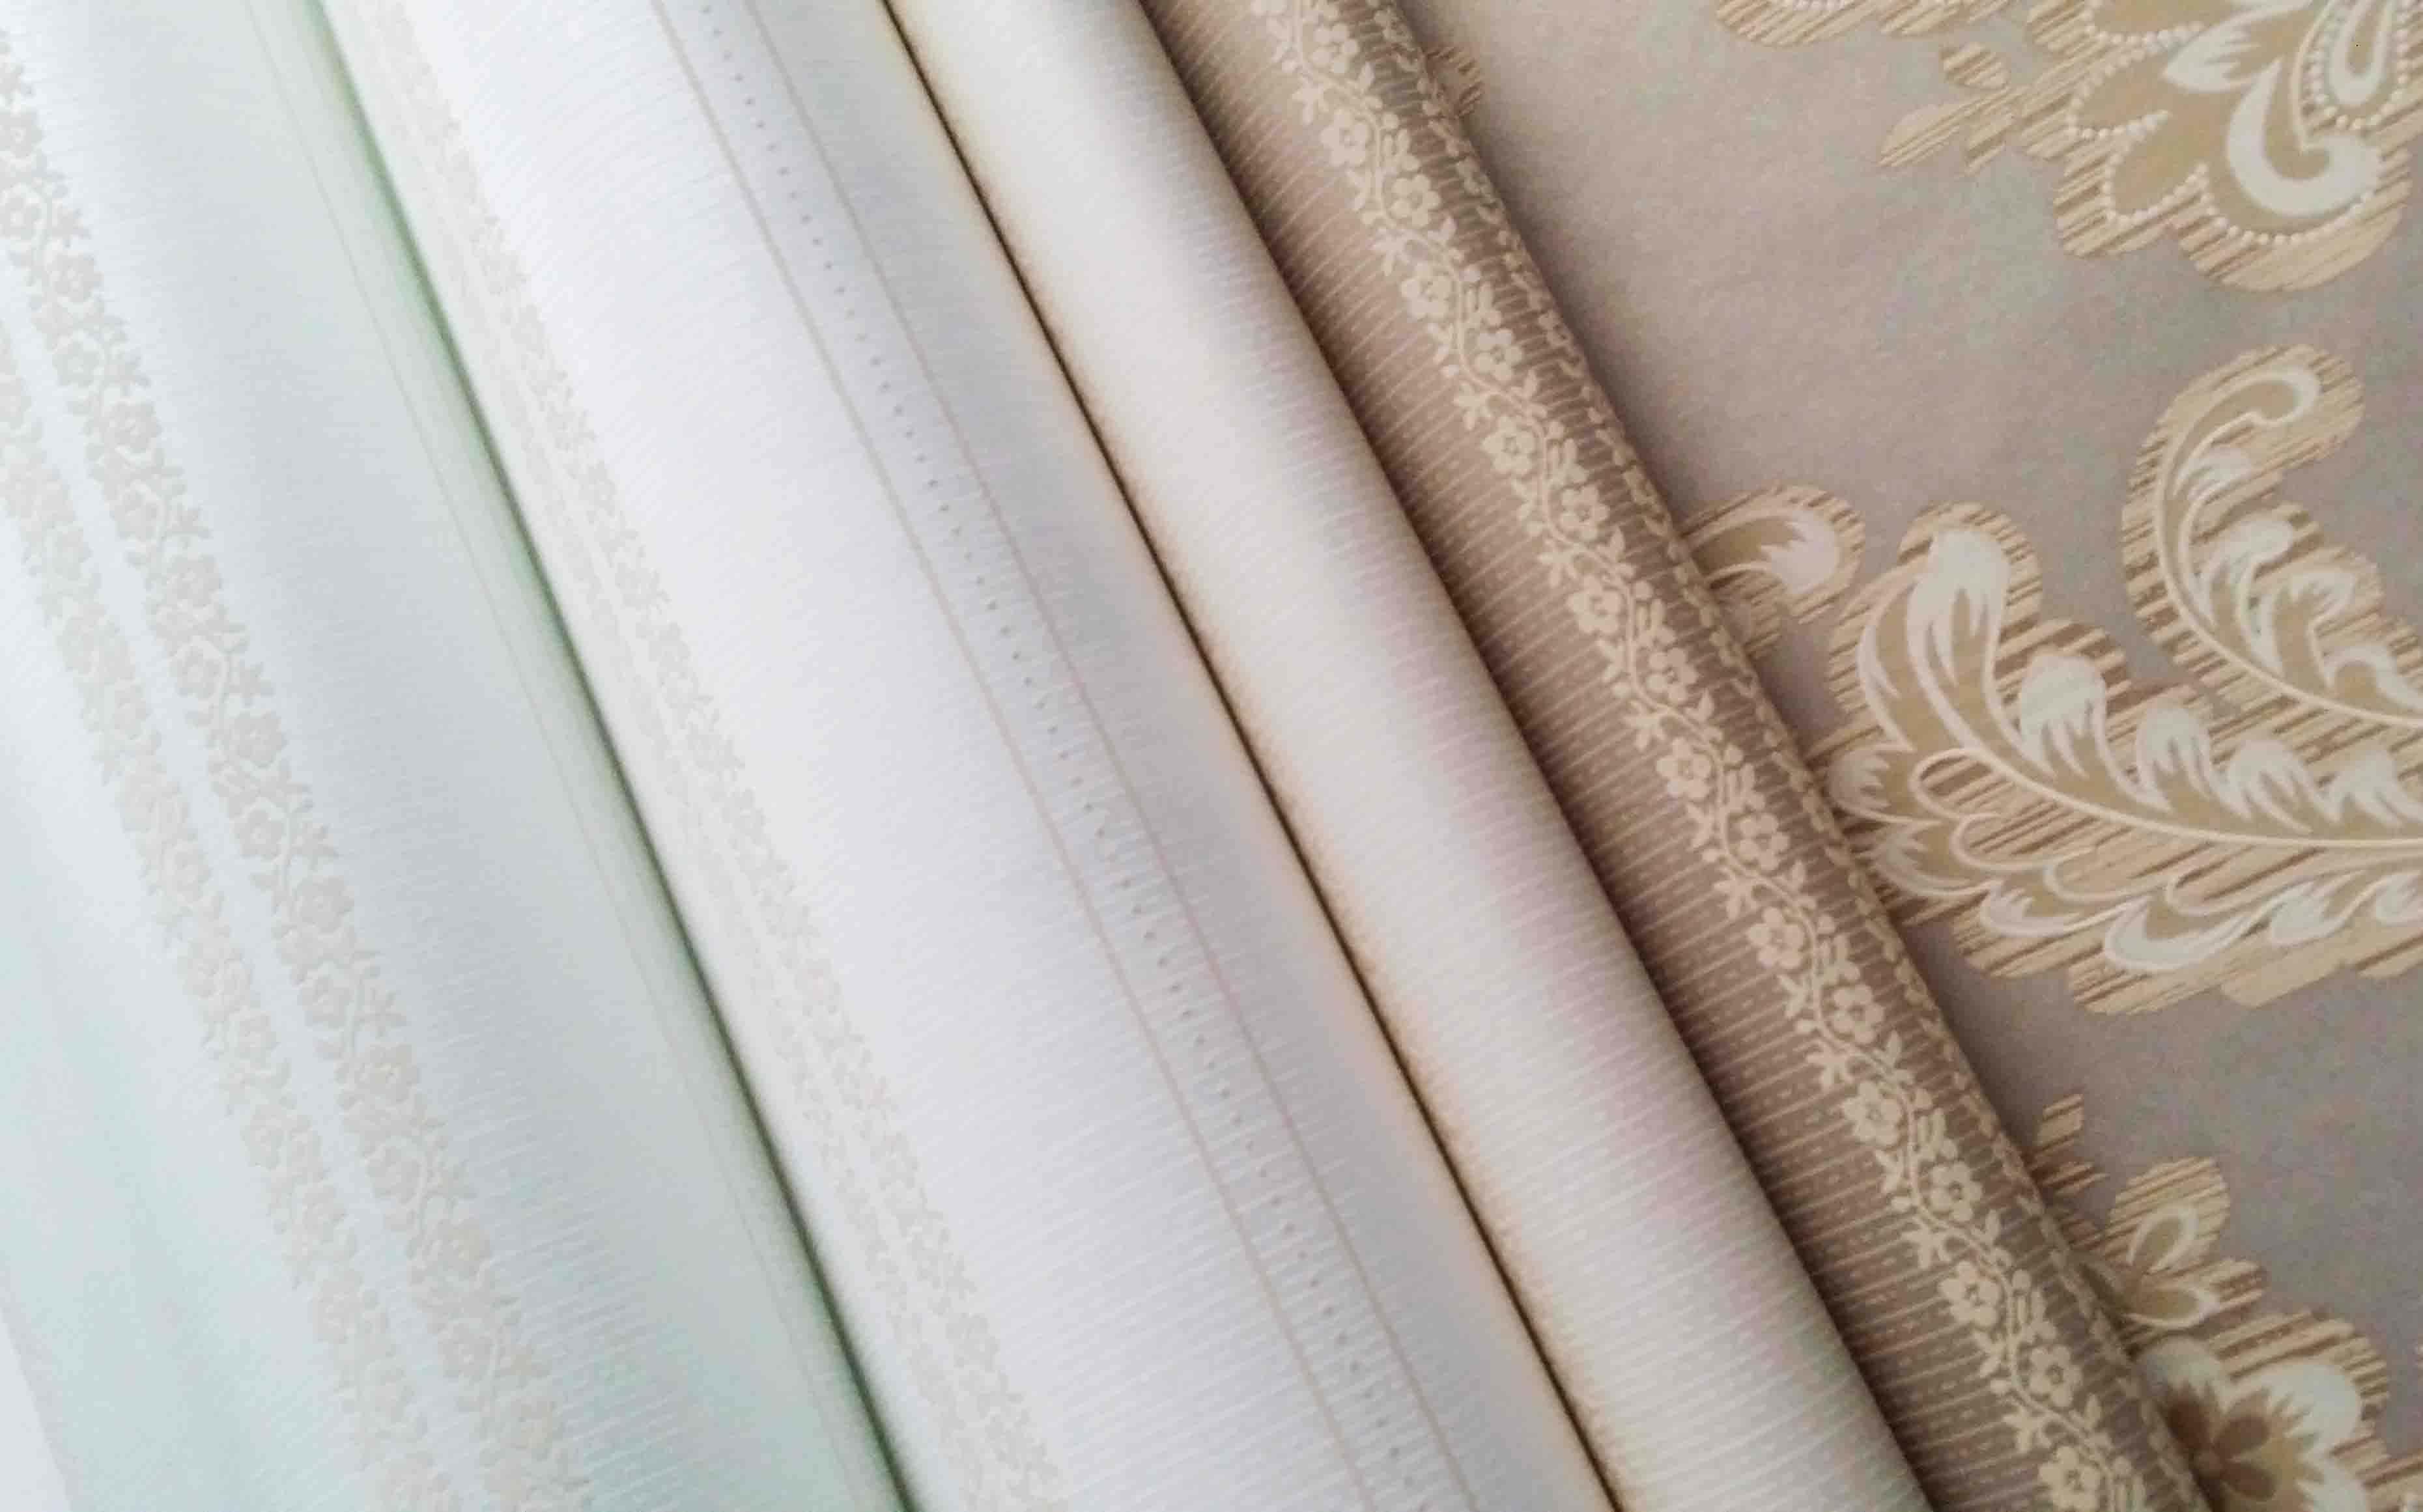 无纺布墙纸究竟环保不环保?